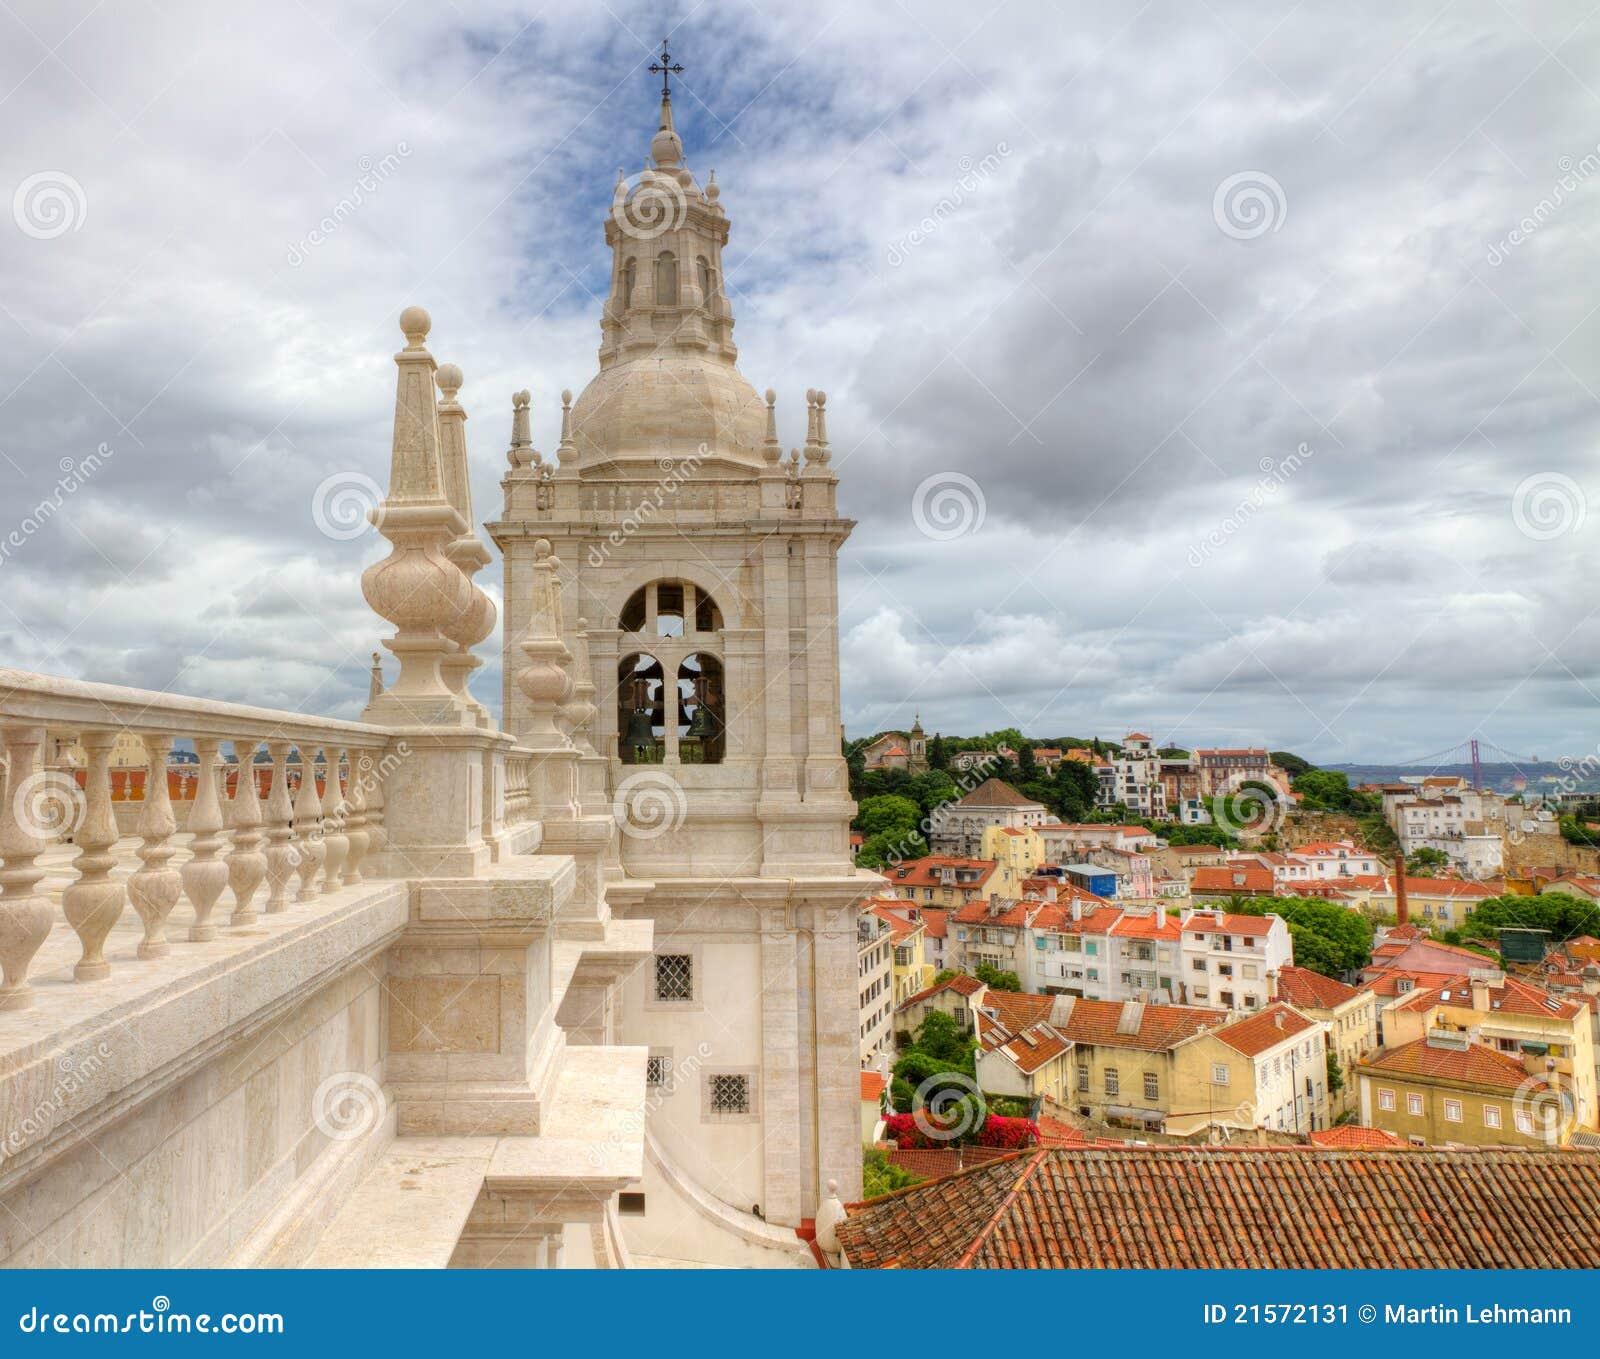 Monastery St Vincent Outside The Walls Lisboa Stock Image